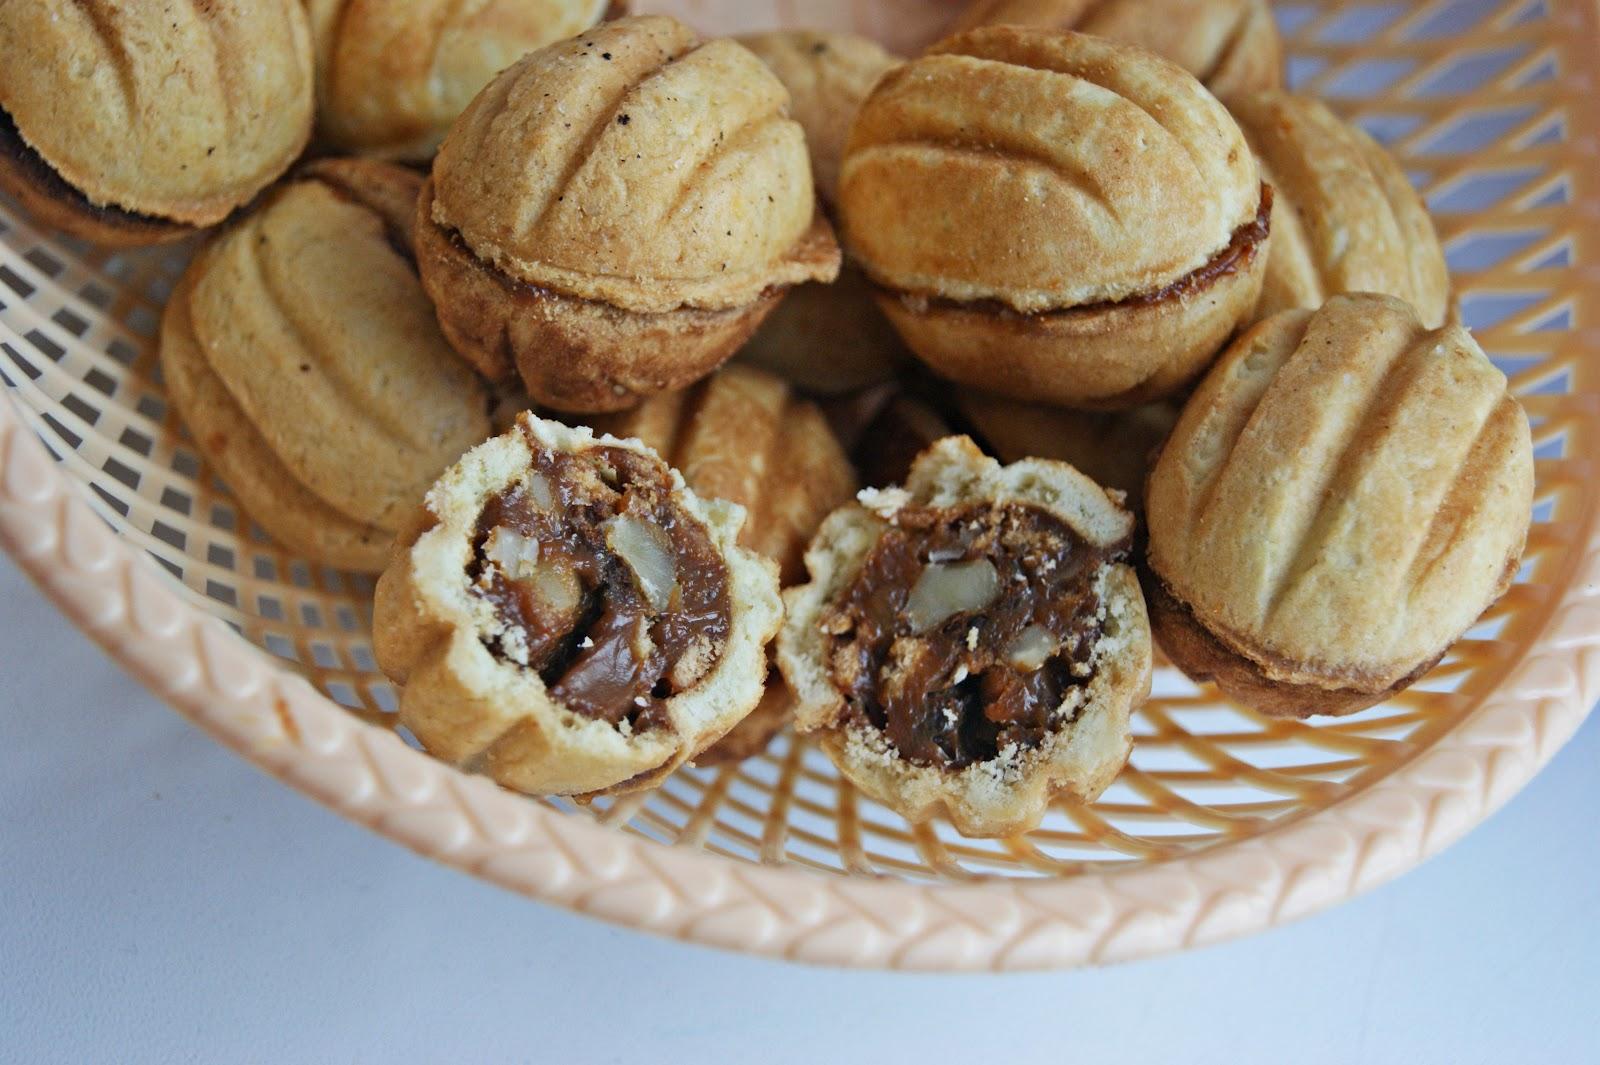 Орешки с варёной сгущёнкой рецепт в орешнице